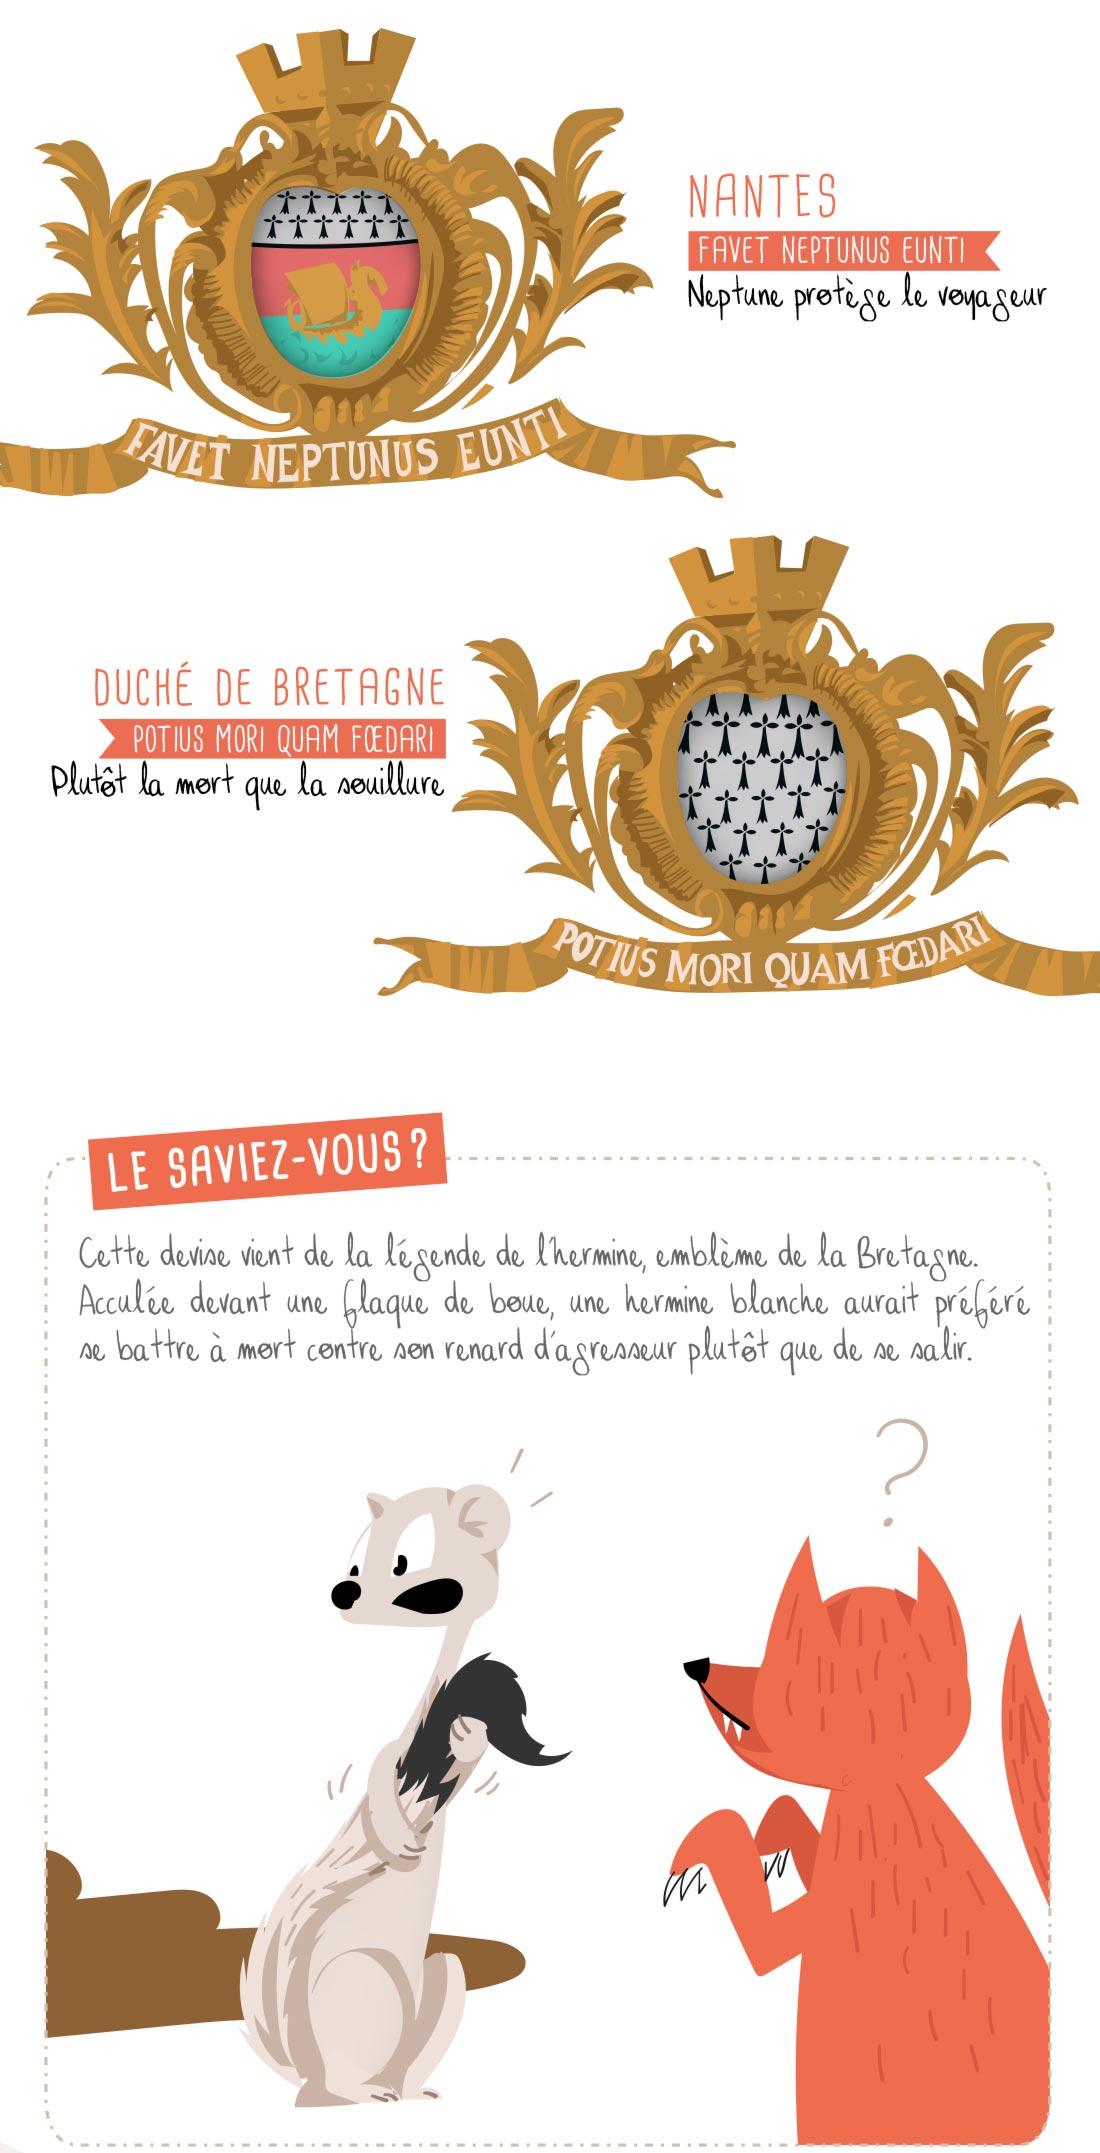 Histoire de la préfecture de Nantes, partie 4